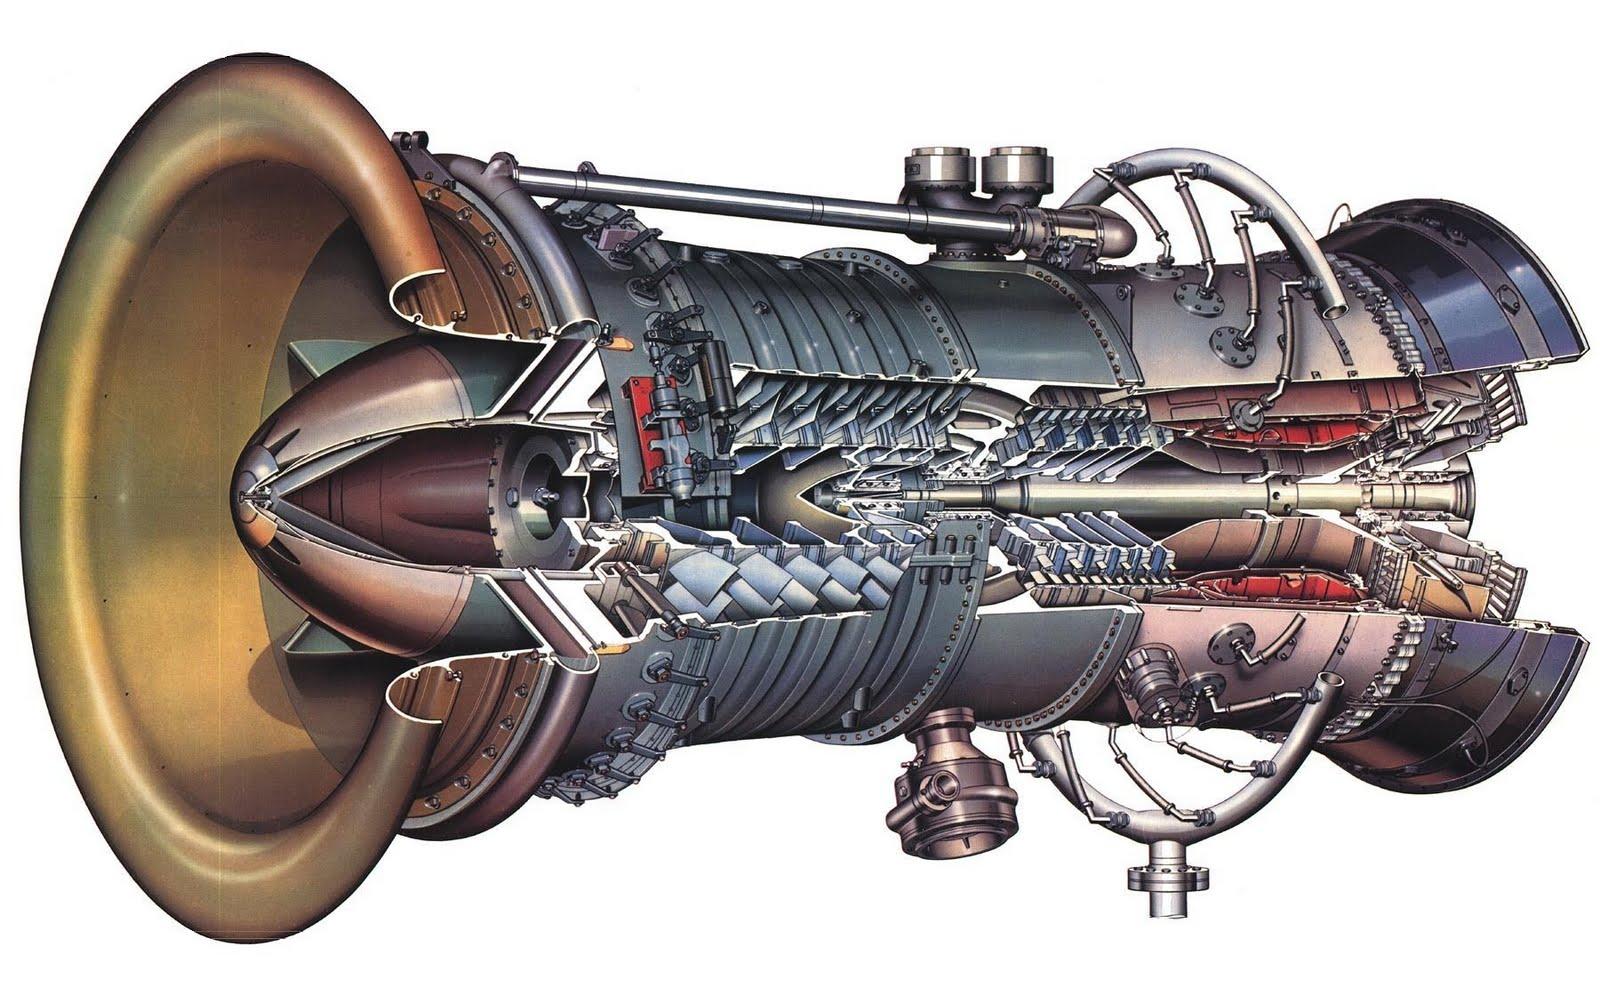 jet engine turbine and - photo #7